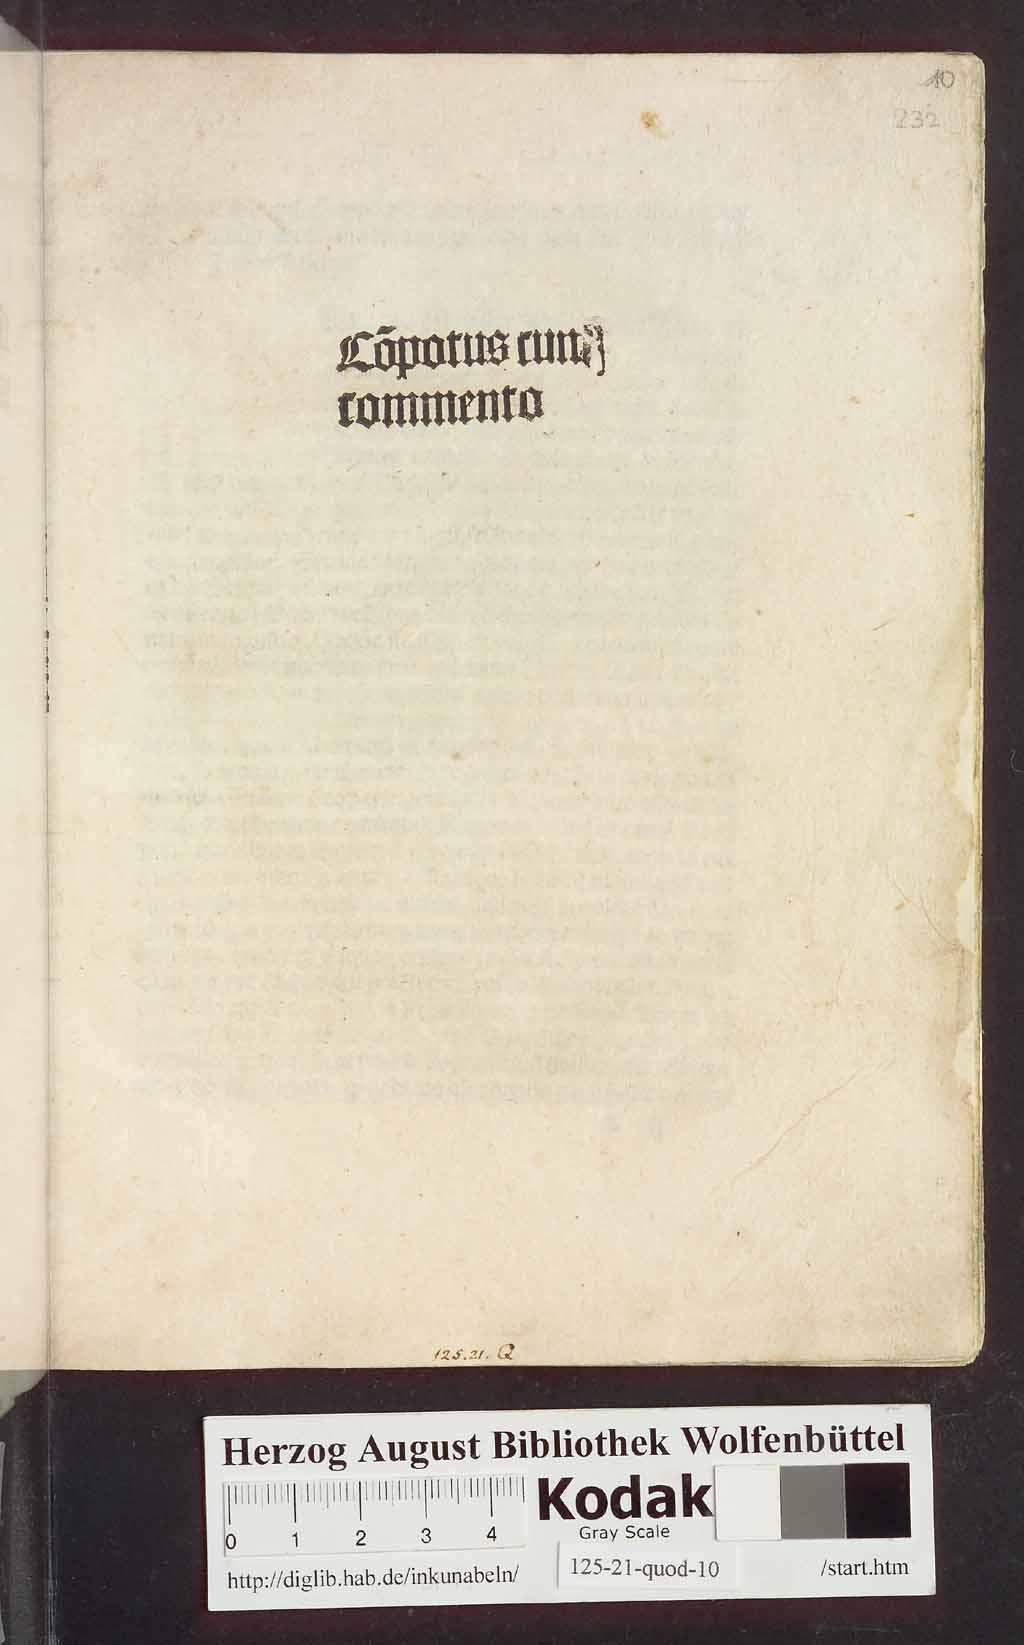 http://diglib.hab.de/inkunabeln/125-21-quod-10/00001.jpg